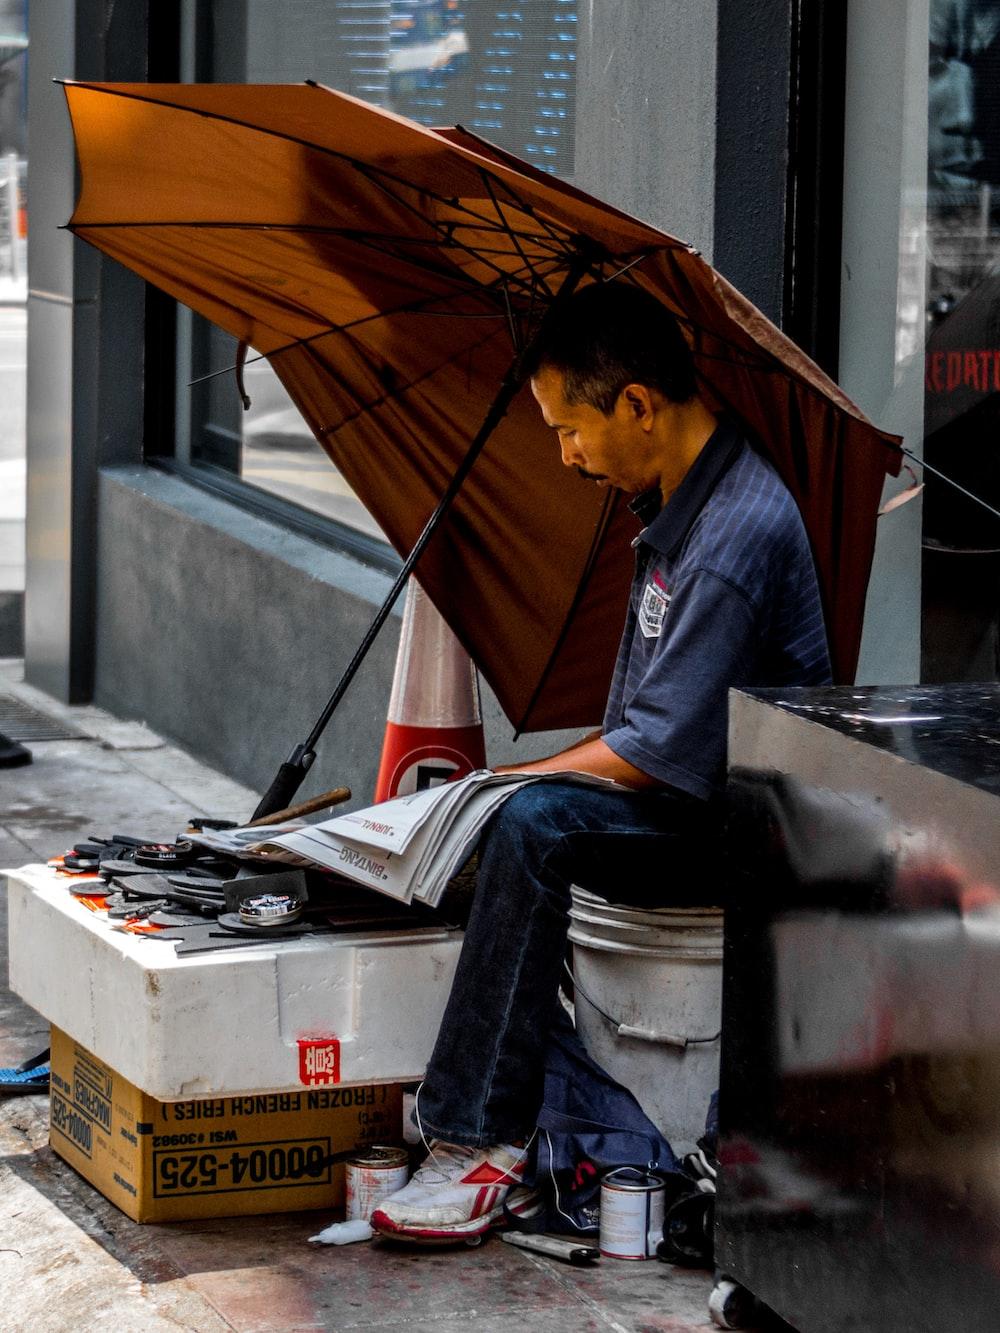 man sitting under brown umbrella